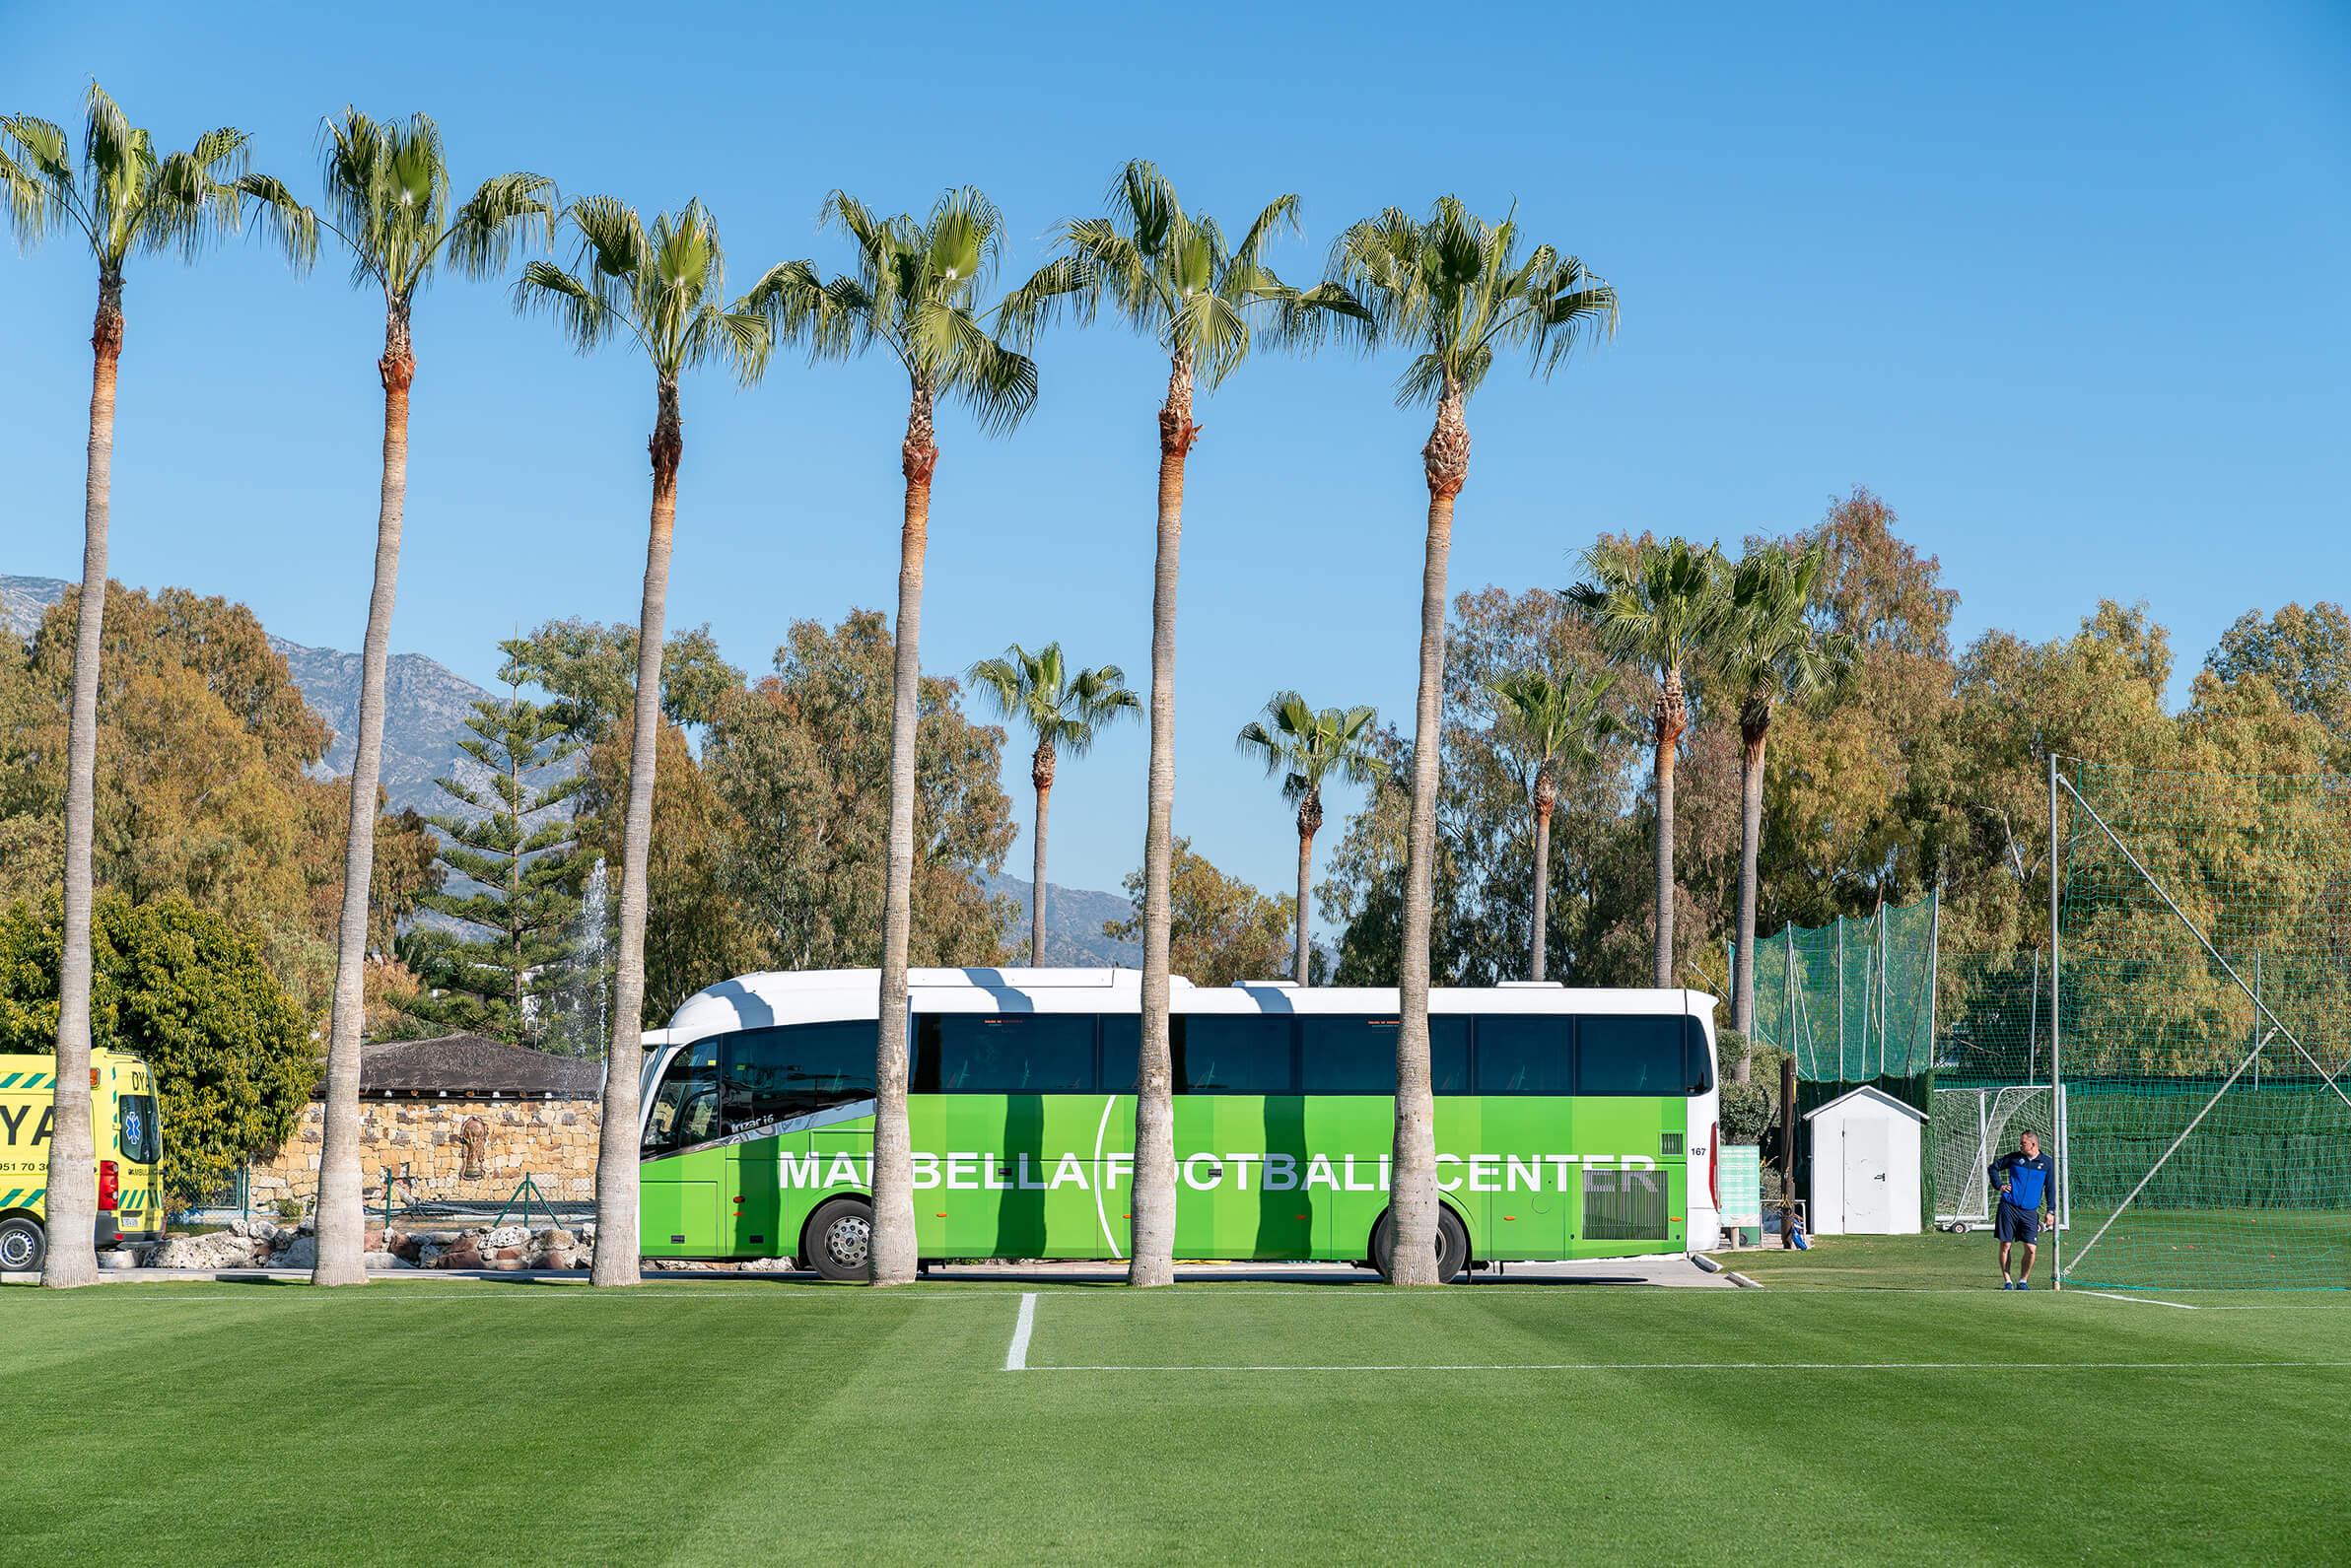 marbella-football-center-3